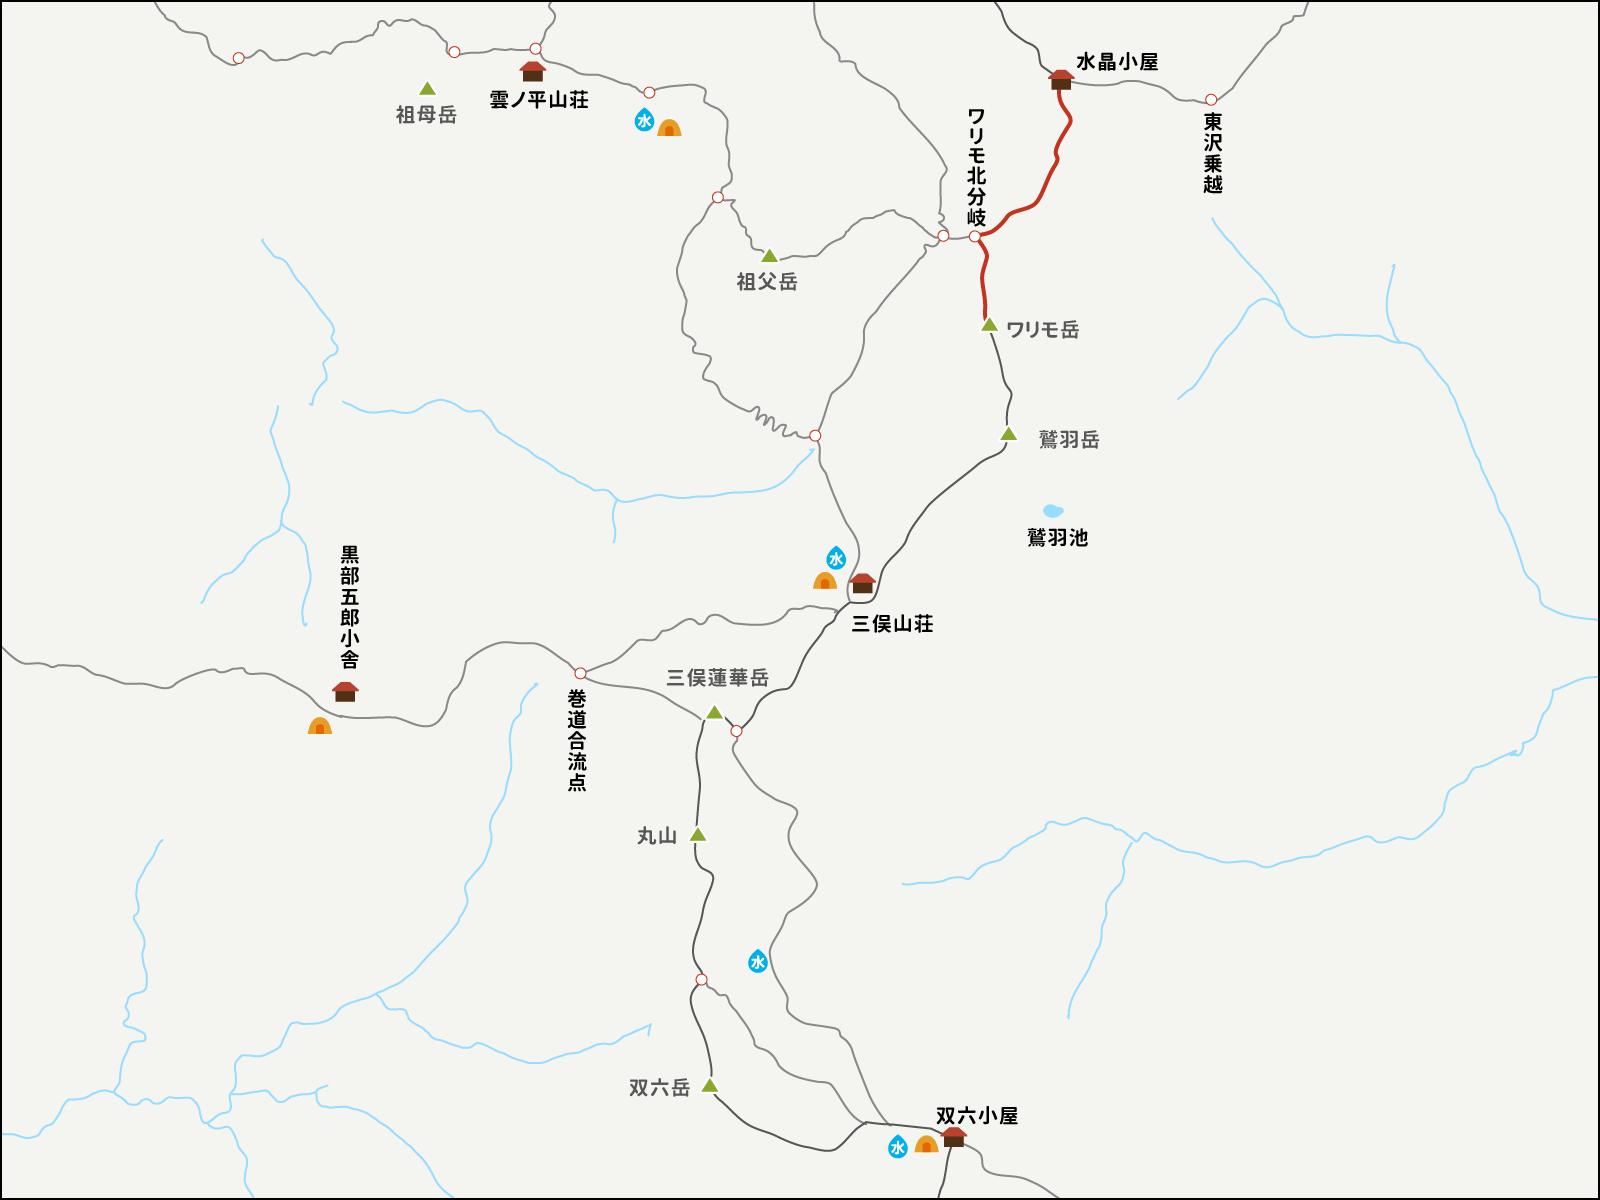 水晶小屋からワリモ岳までのイラストマップ